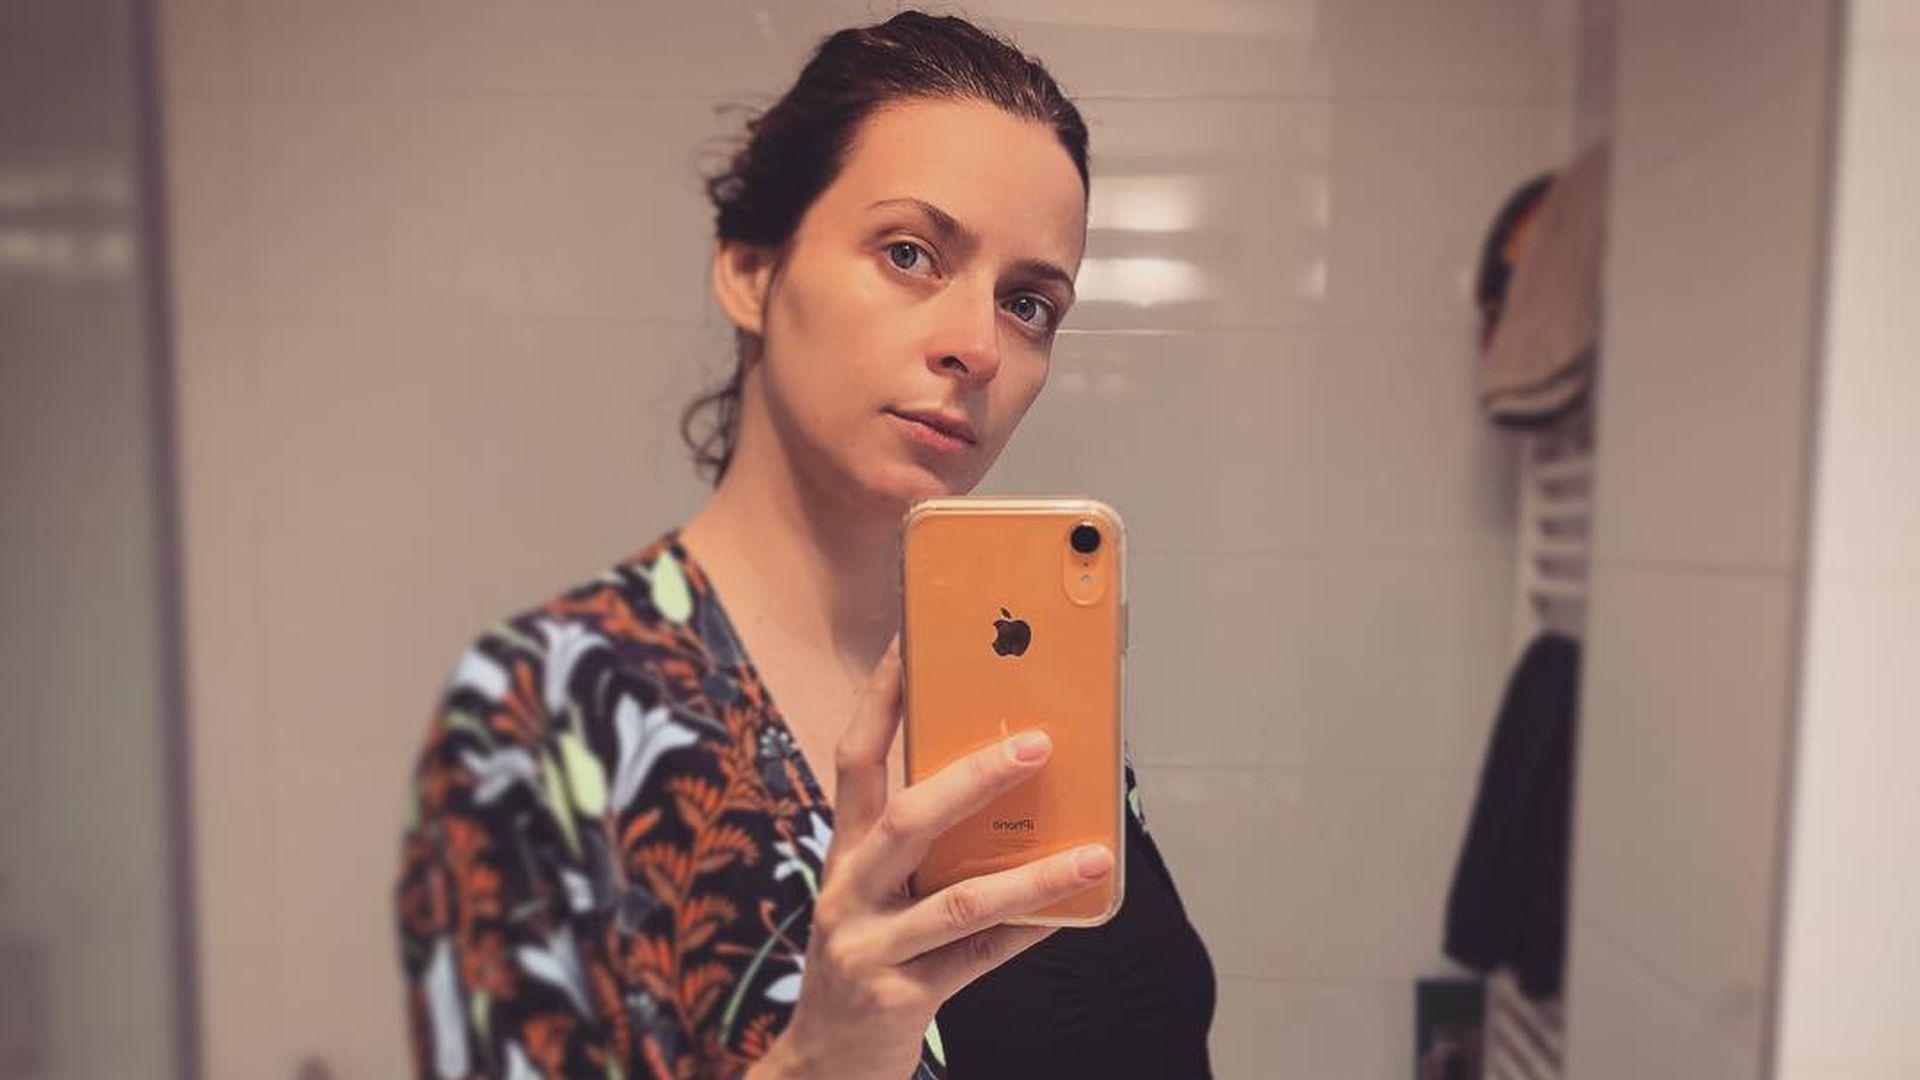 Selfie Eva Padberg nude (65 foto and video), Tits, Is a cute, Selfie, lingerie 2015